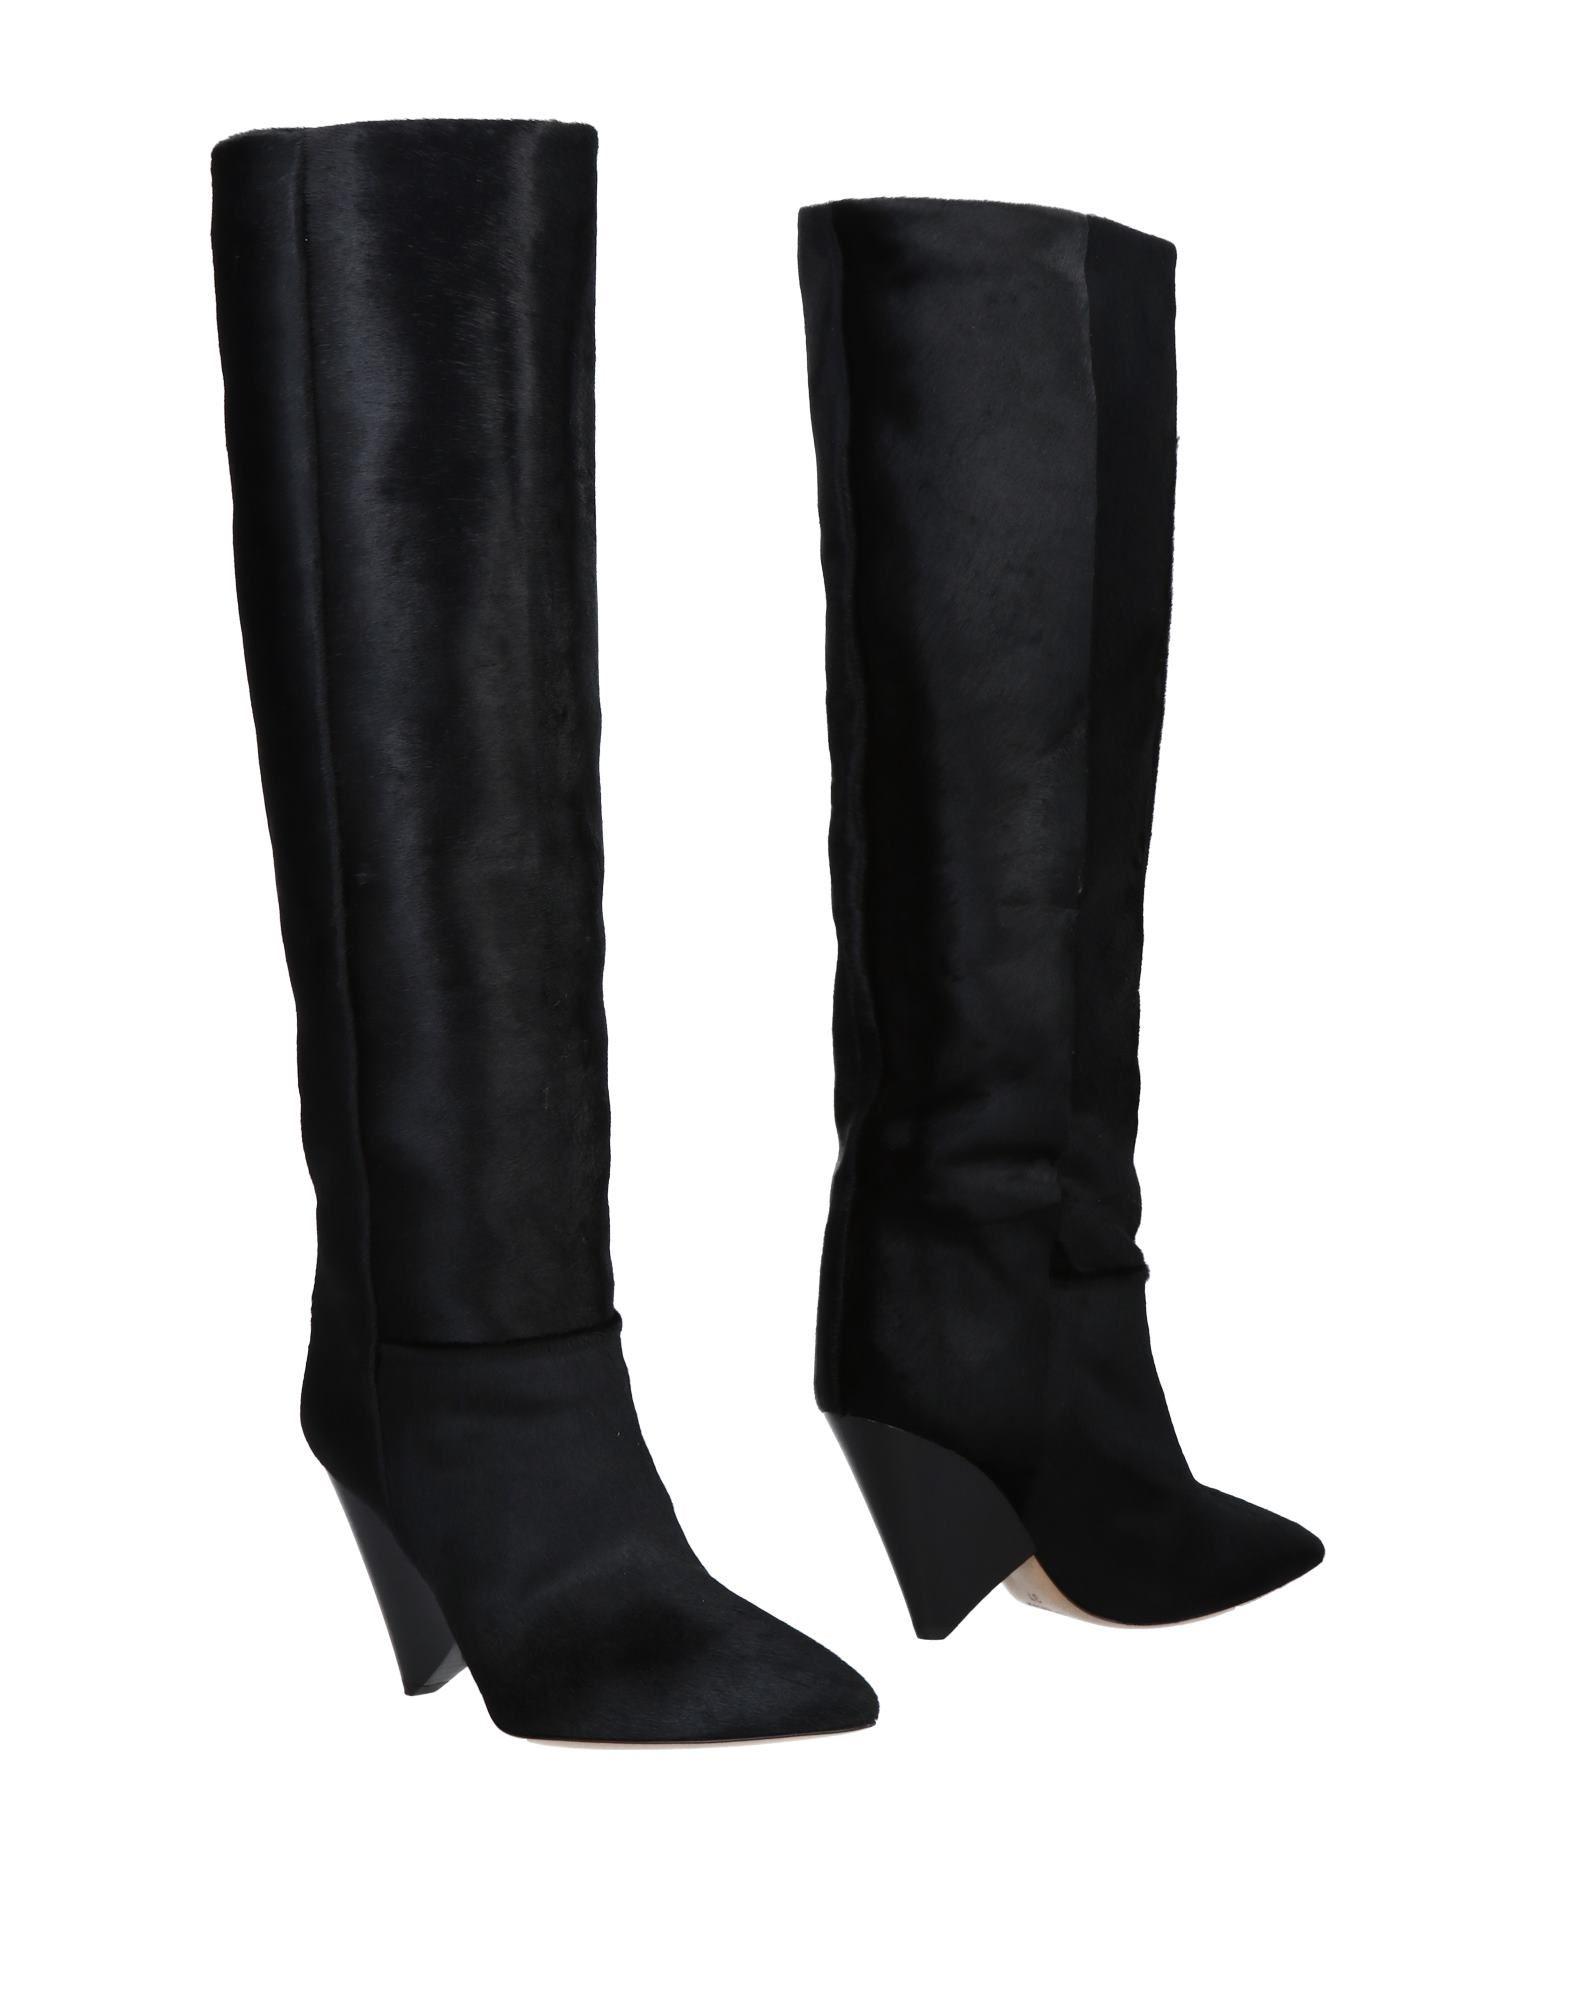 Isabel Marant Stiefel Damen  11491418WVGünstige gut aussehende Schuhe